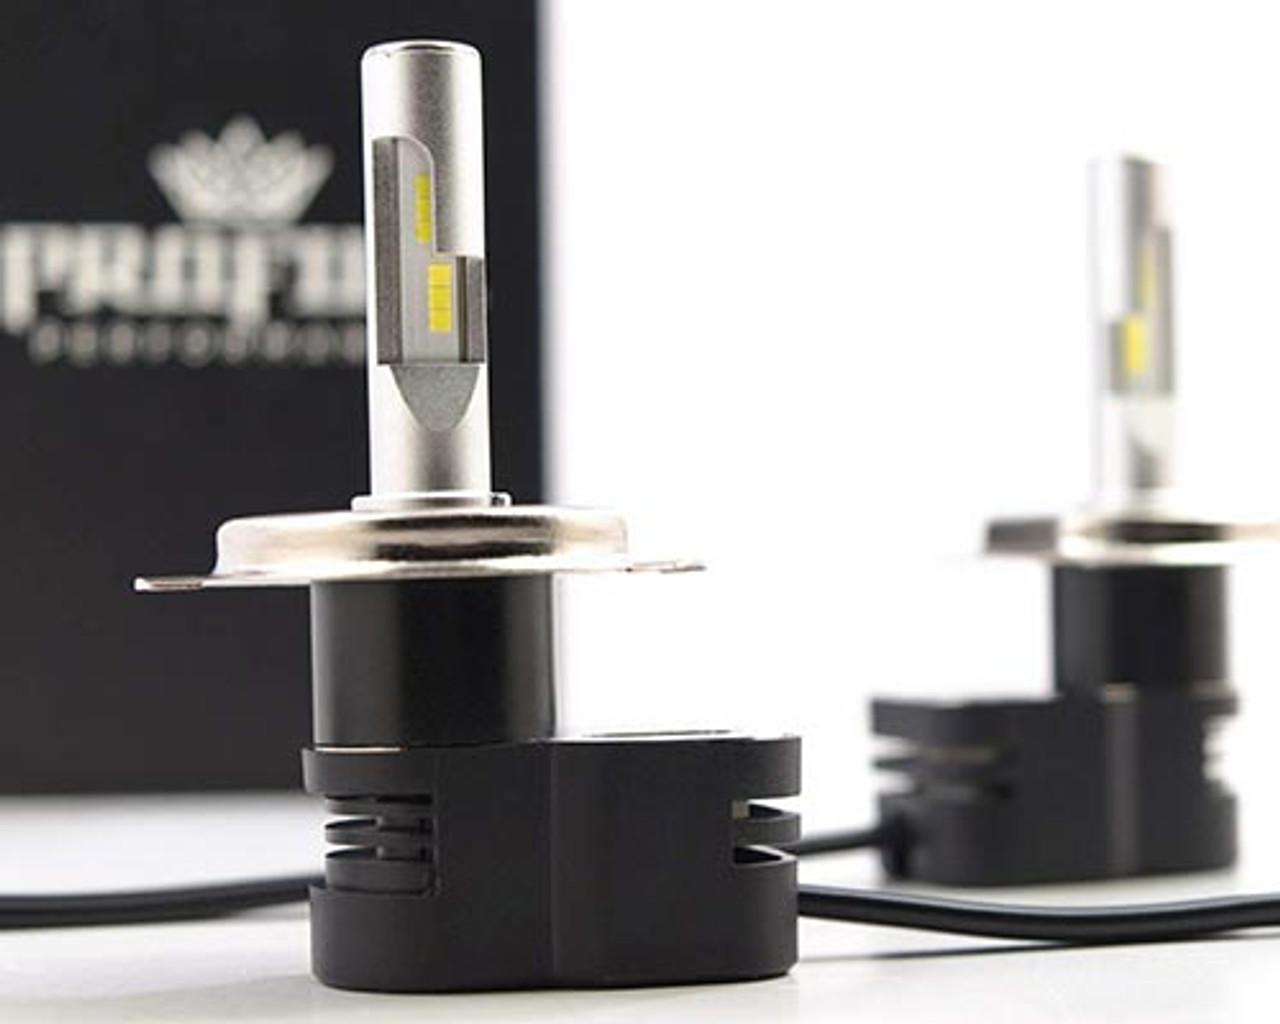 H4/9003 - Profile Peak LED Bulb kit